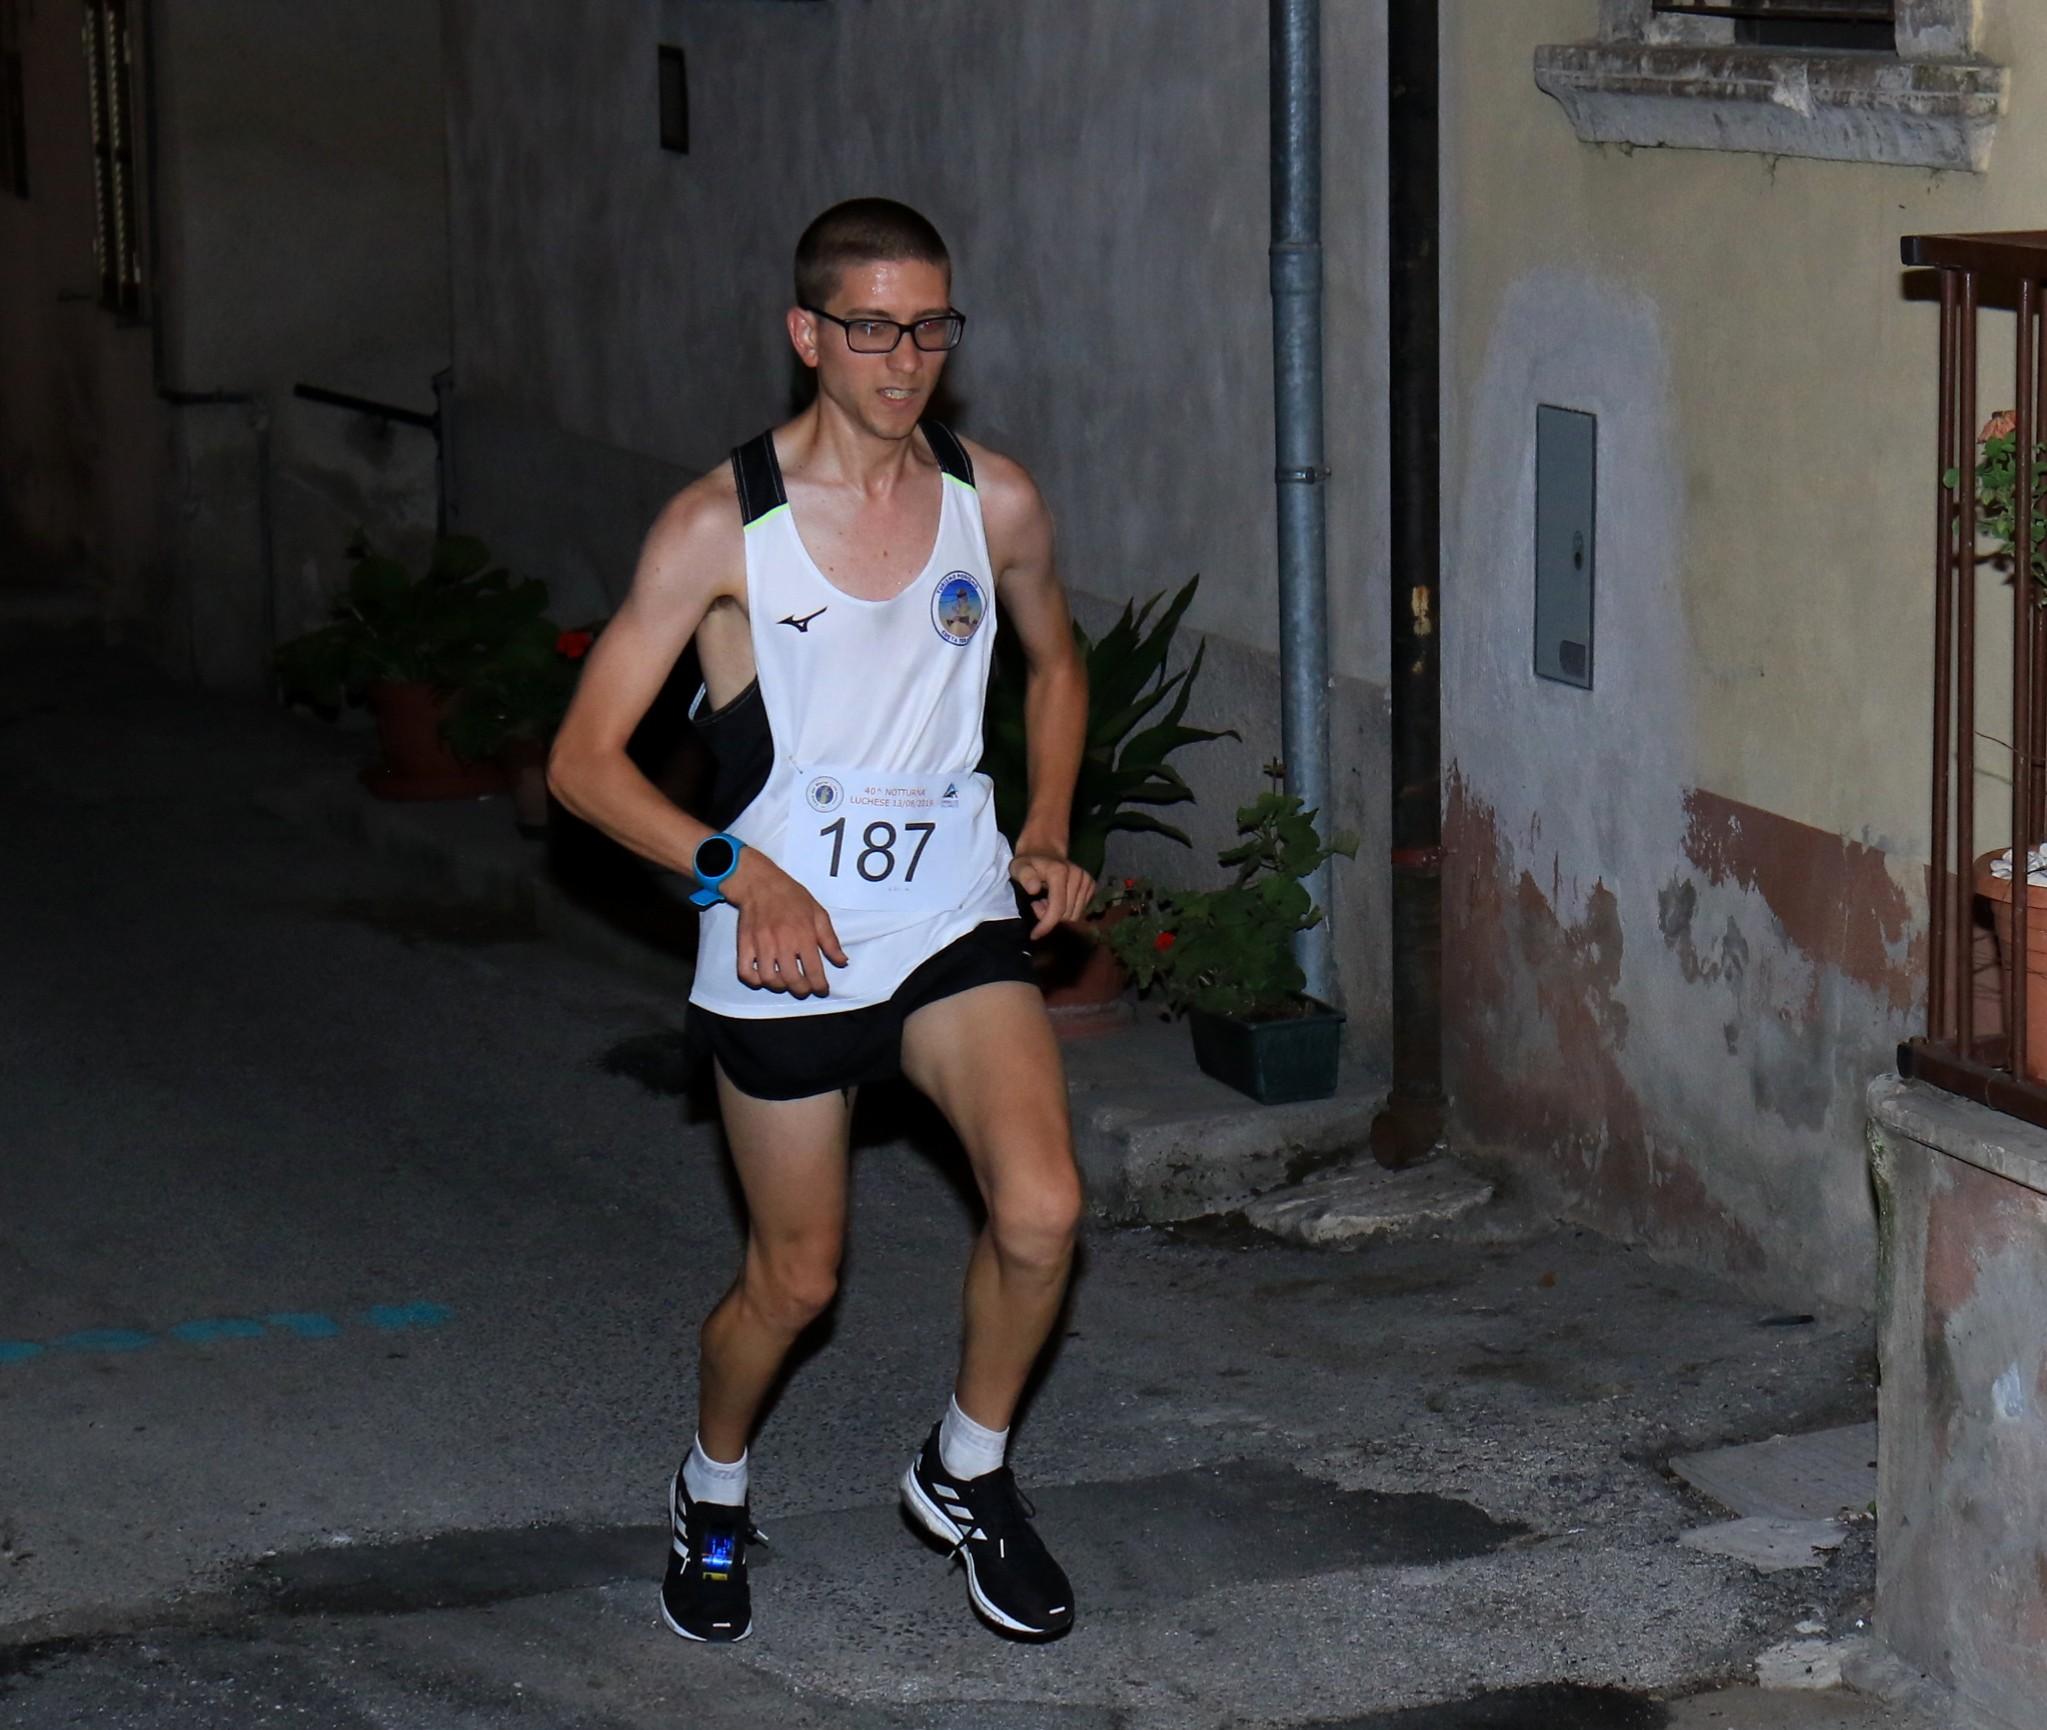 Marco Visci torna a vincere la Notturna Luchese dopo la beffa dello scorso anno